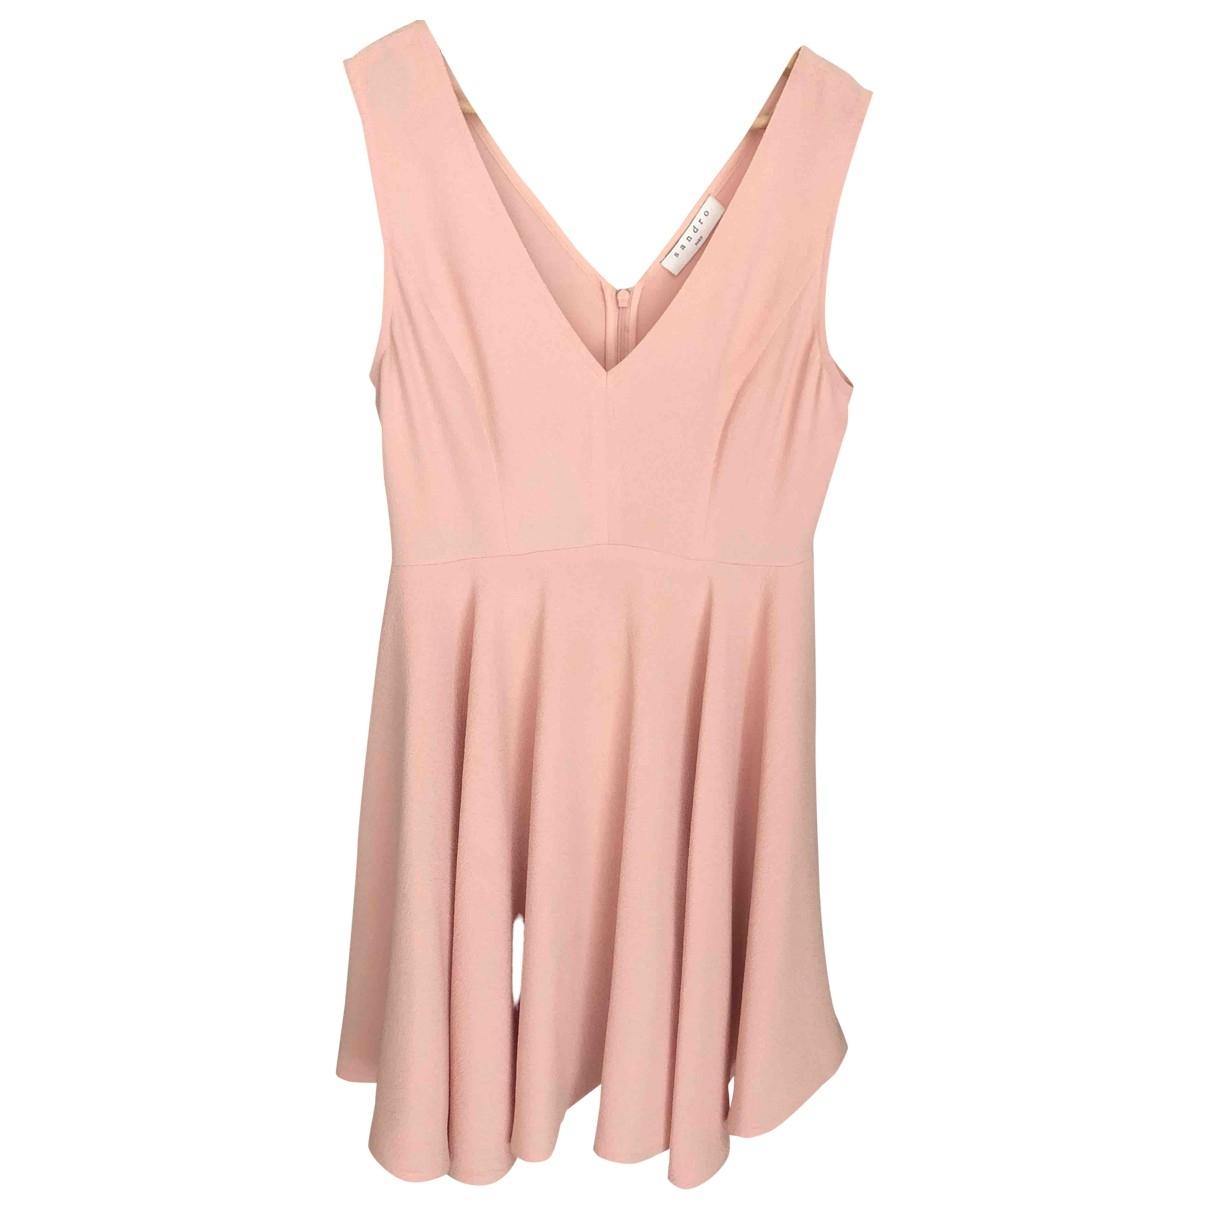 Sandro Spring Summer 2019 Pink dress for Women 38 FR